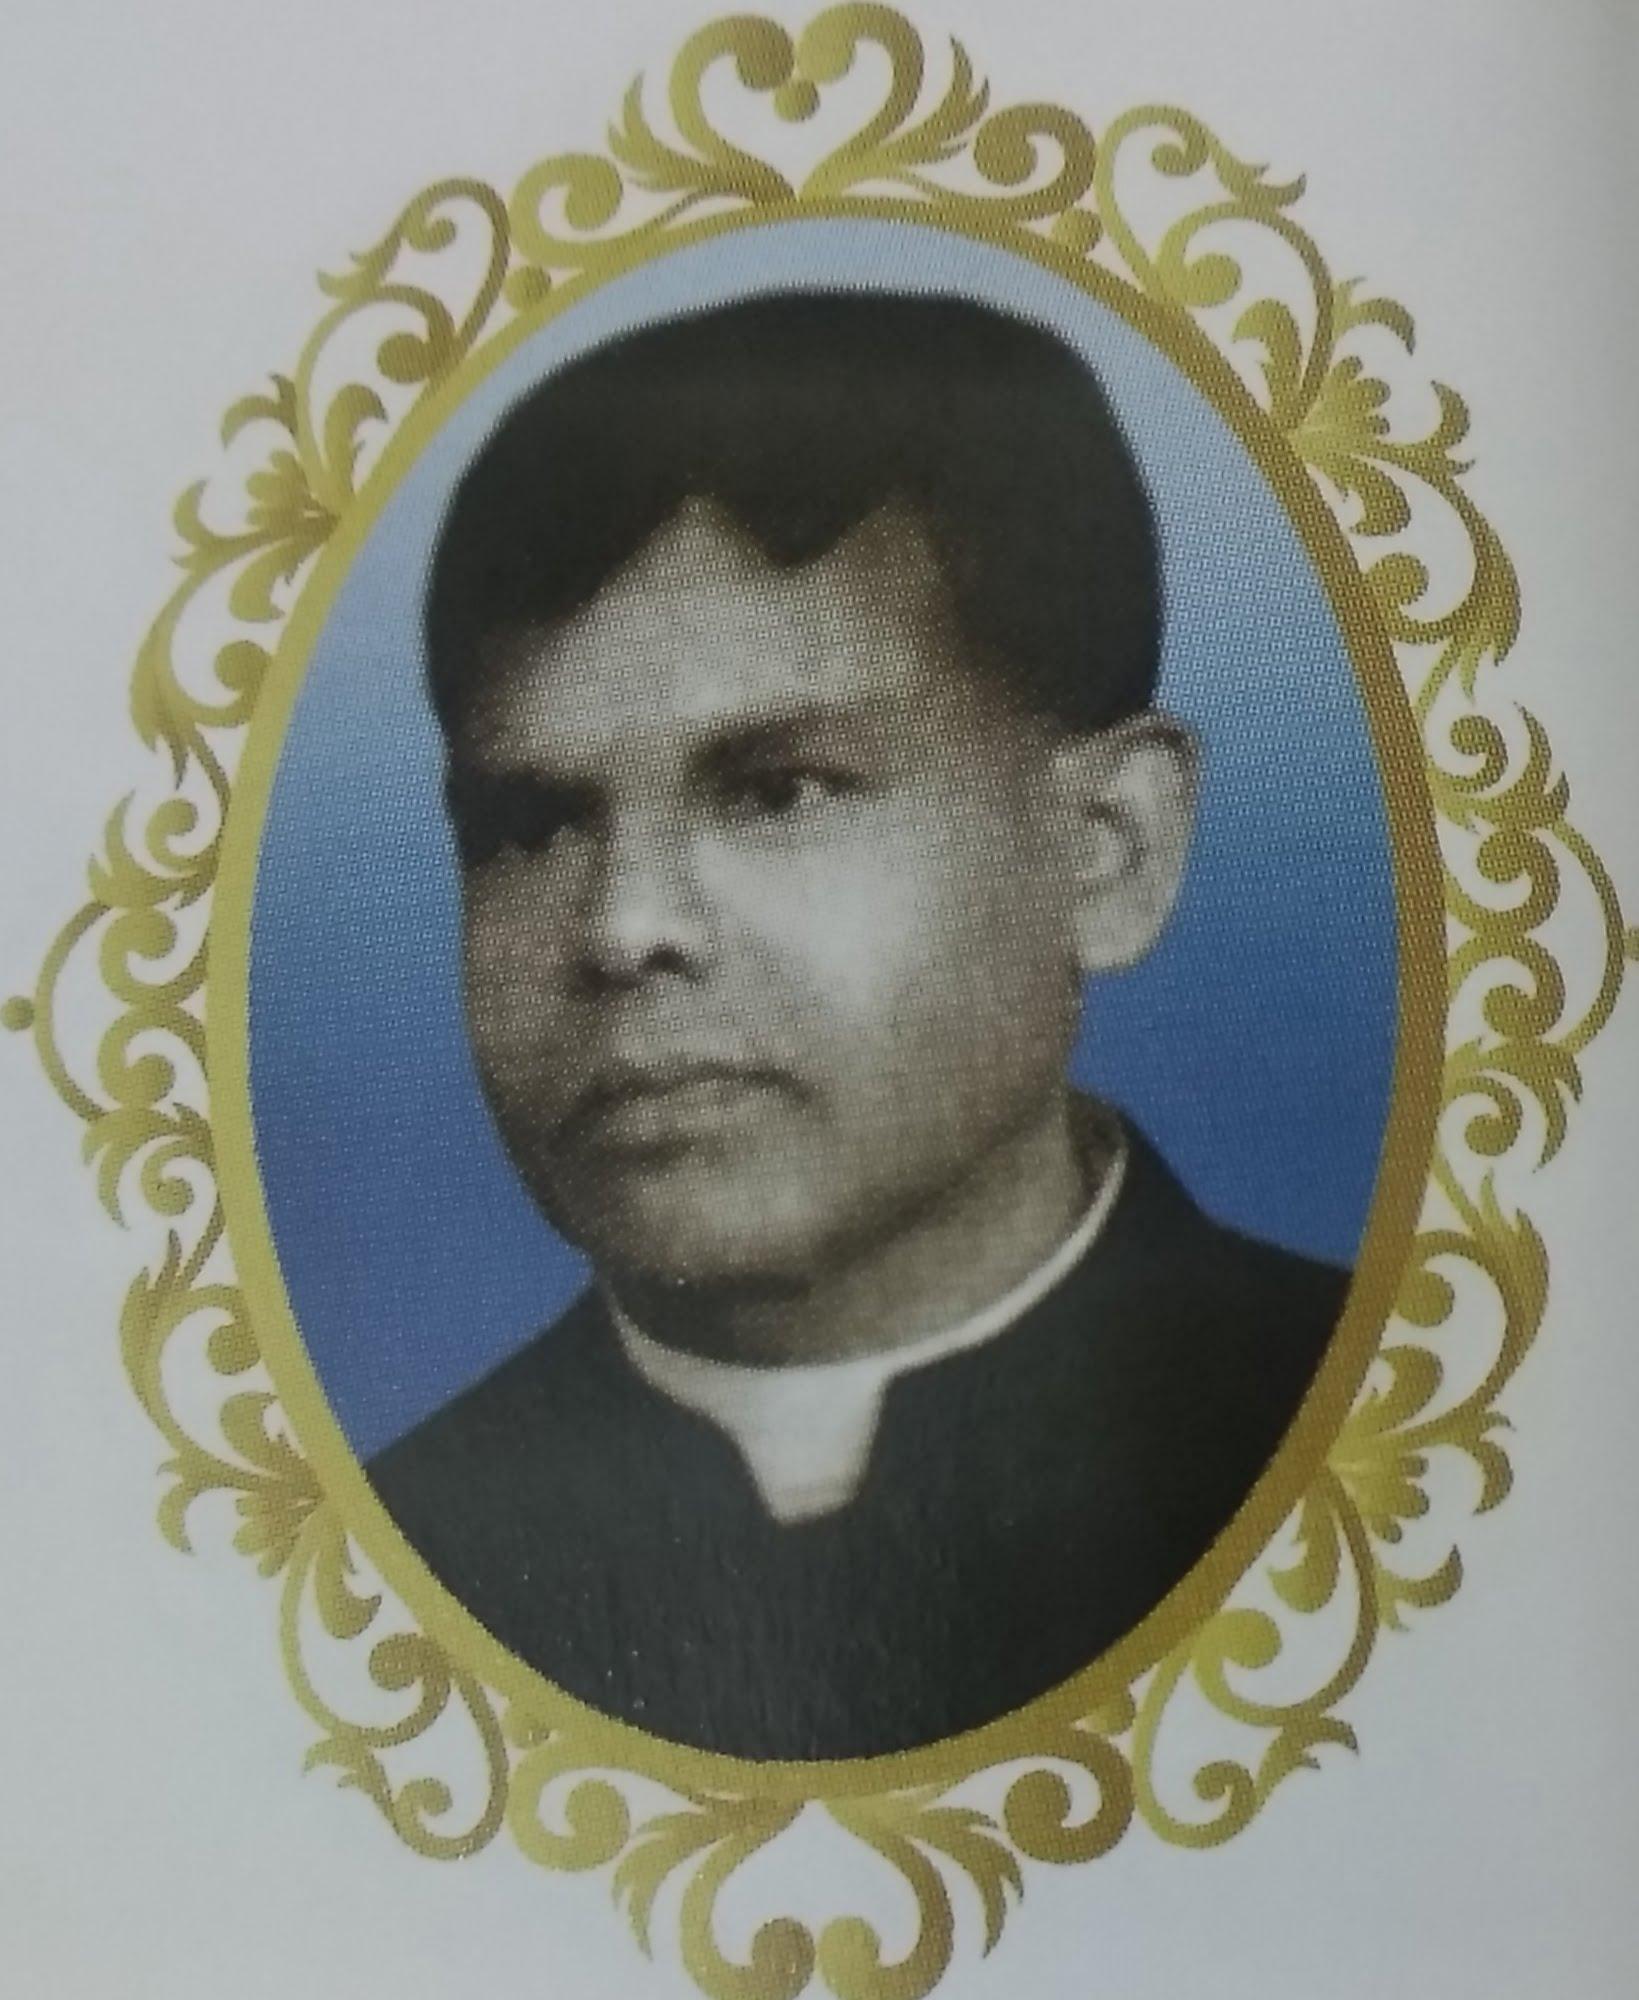 Fr. Seraphin Benedict Thannikott